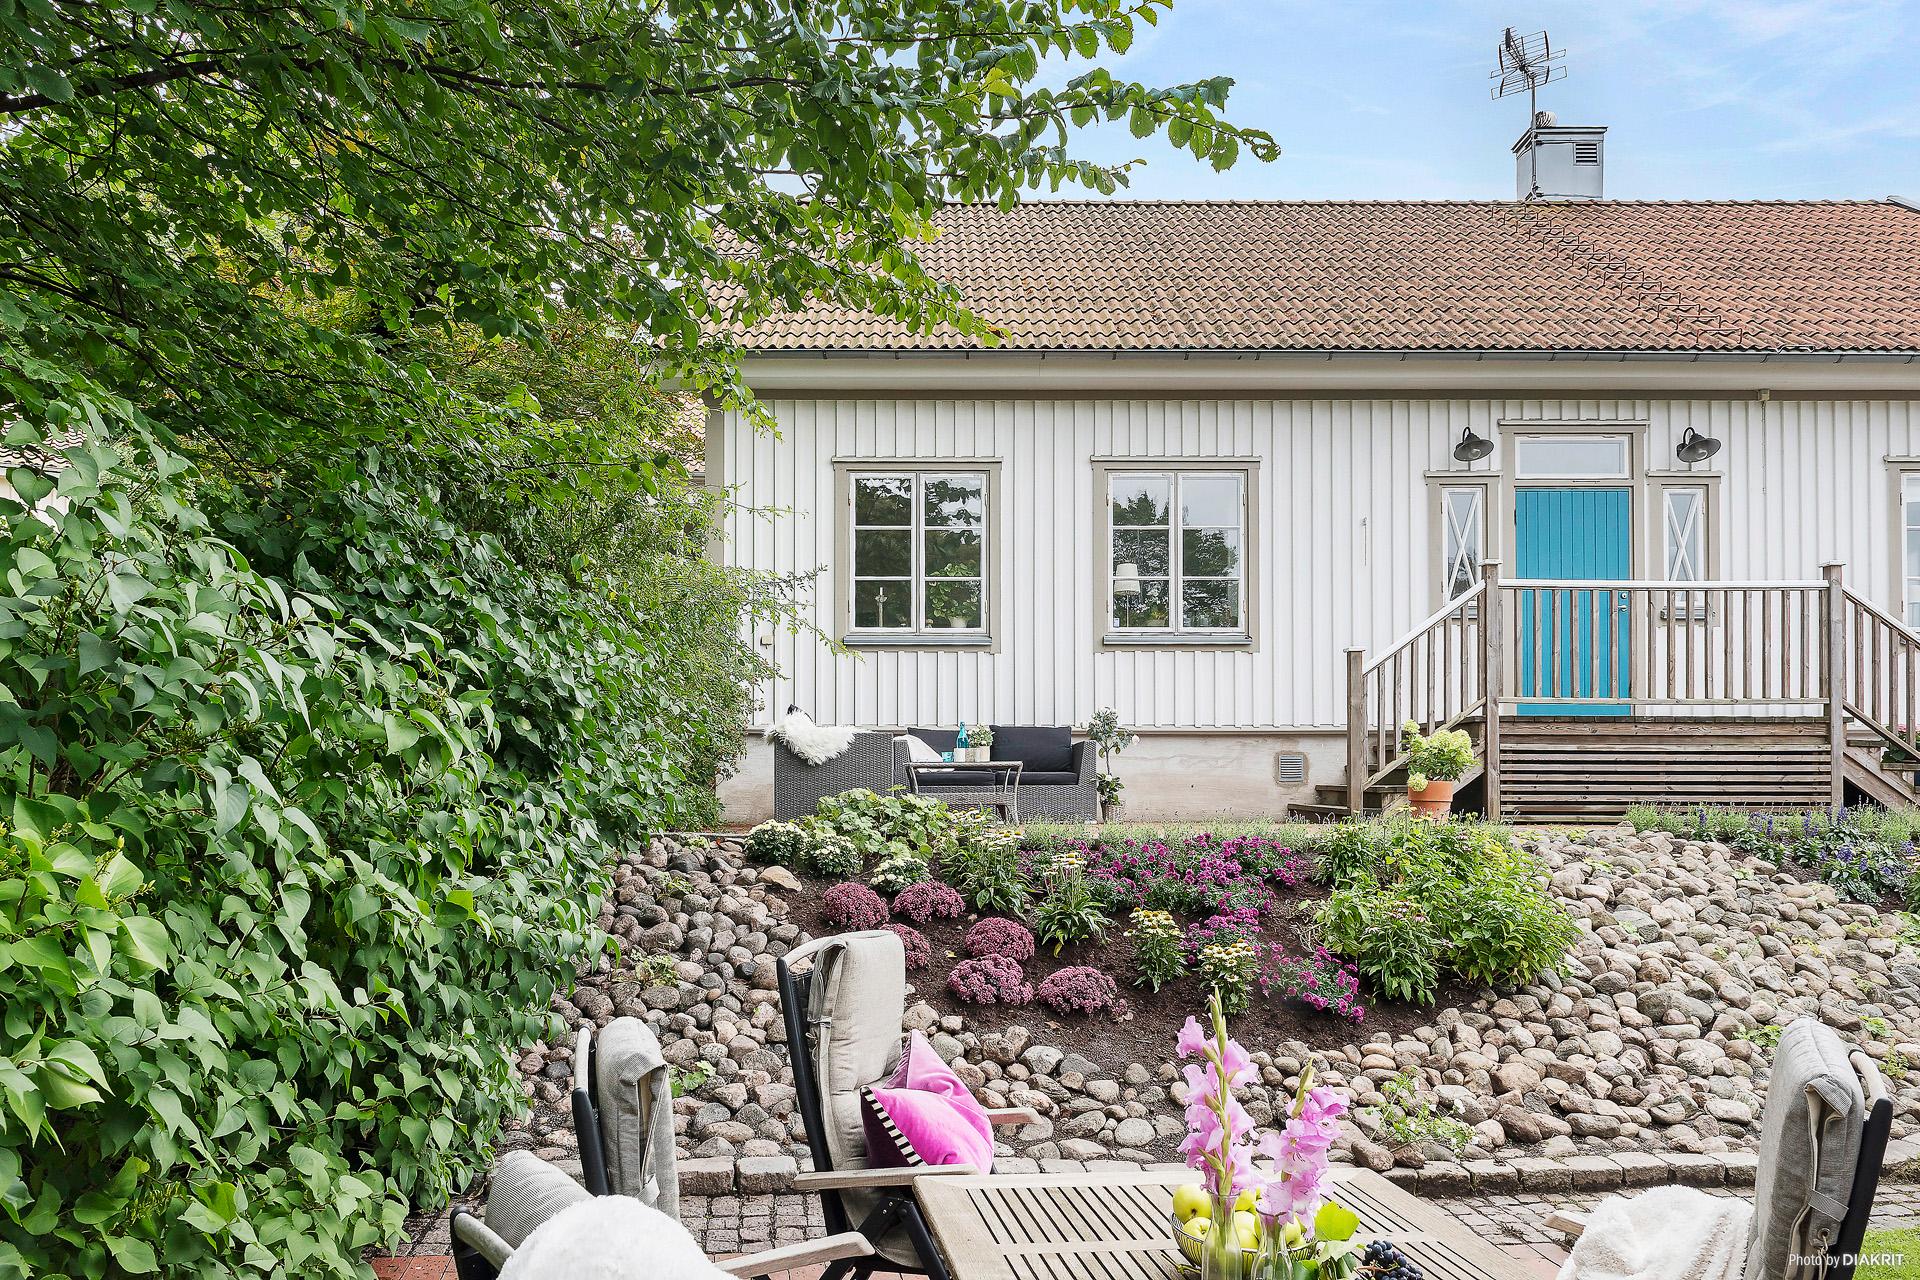 TRÄDGÅRD - Omgärdad lummig trädgård med fina stensättningar